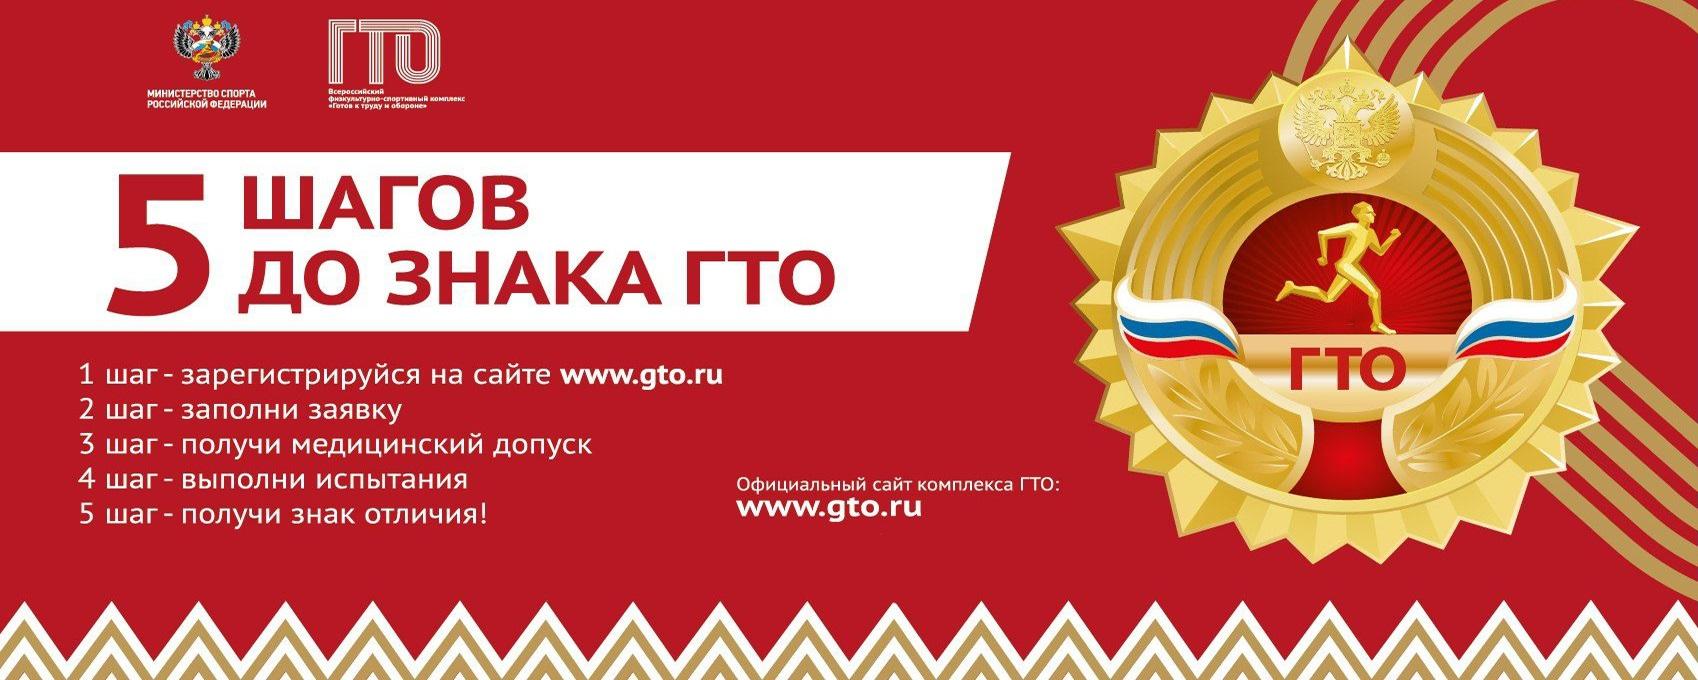 gto_banner